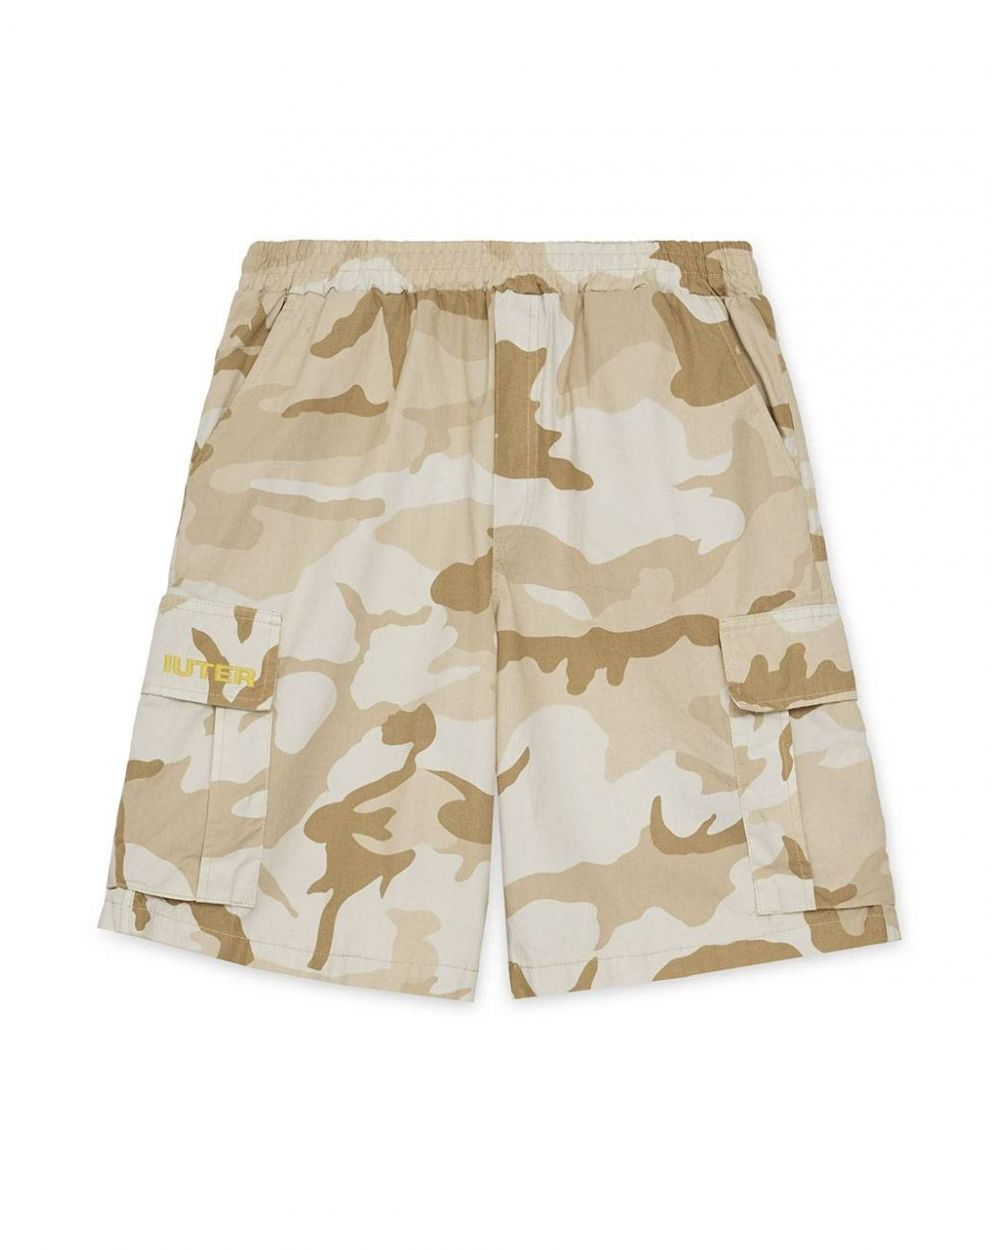 Iuter Cargo camo shorts - beige IUTER Shorts 109,00€